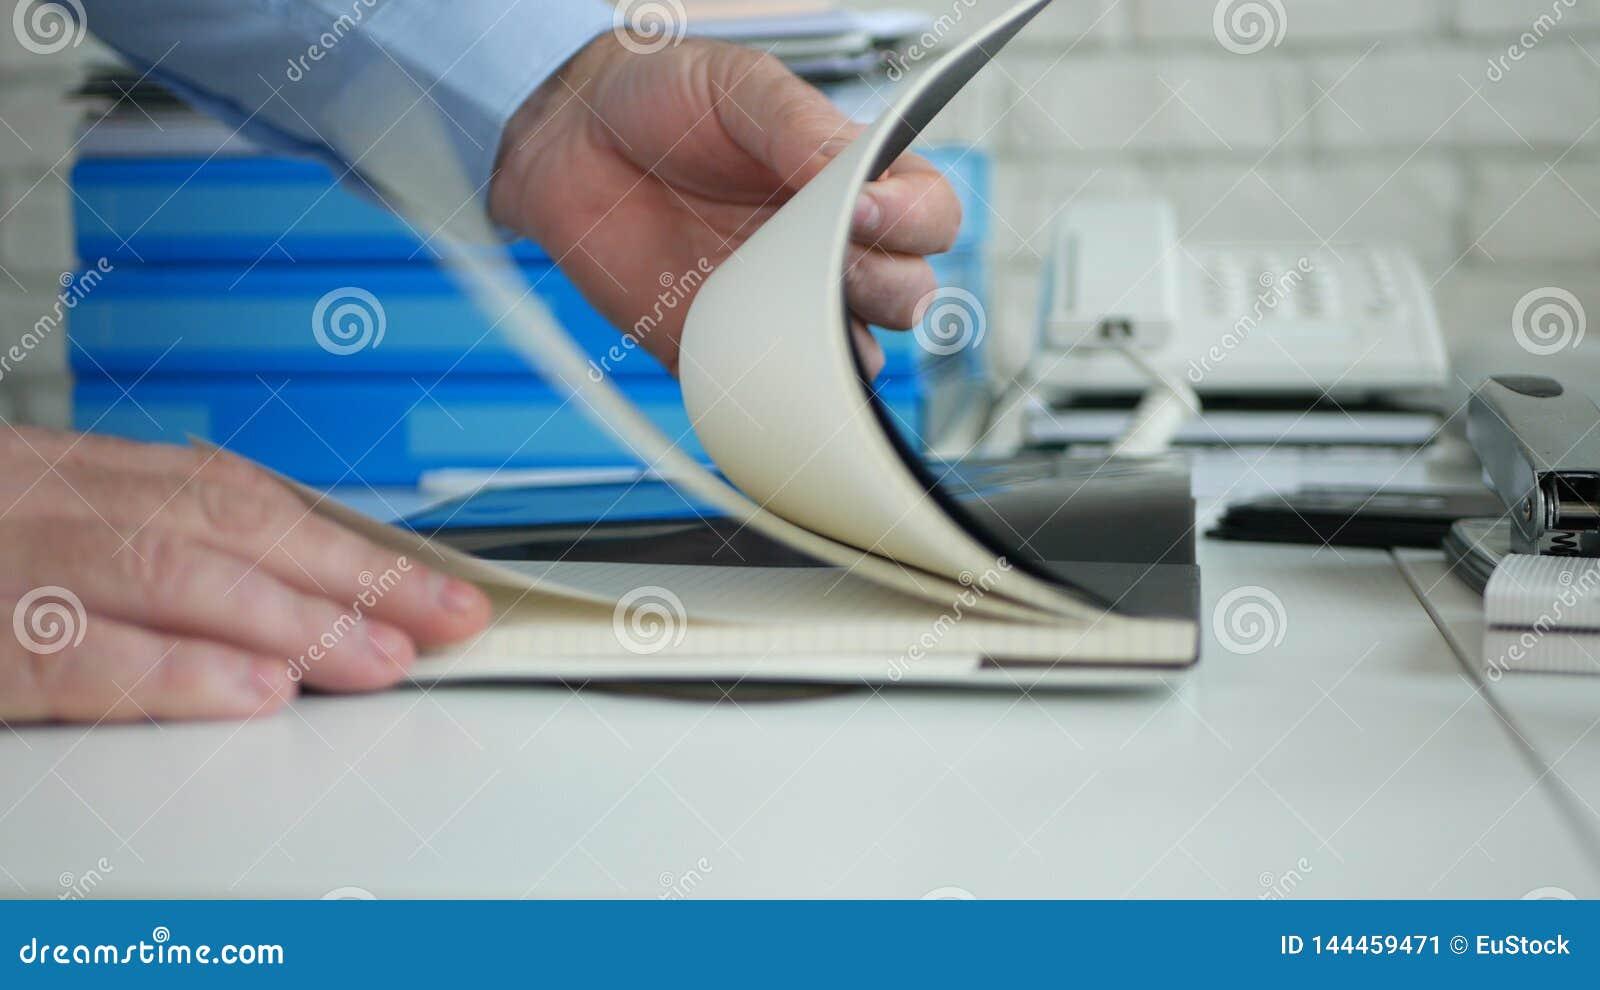 Biurowego biurka wizerunek z biznesmenem Wręcza Otwierać Nową agendę i Wyszukiwać strony